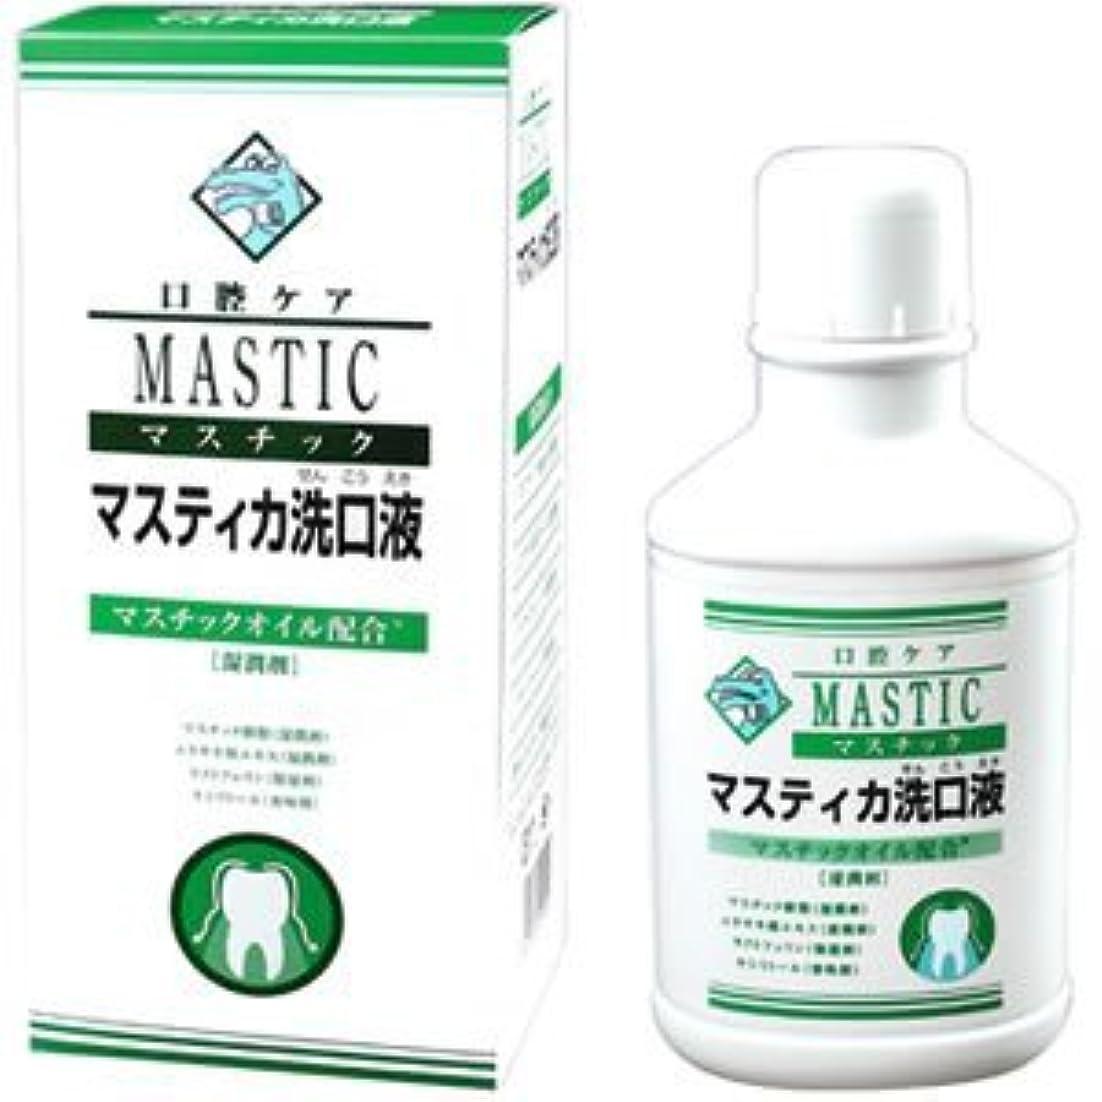 粘性の破壊的に沿ってマスチック マスティカ 洗口液 480mL